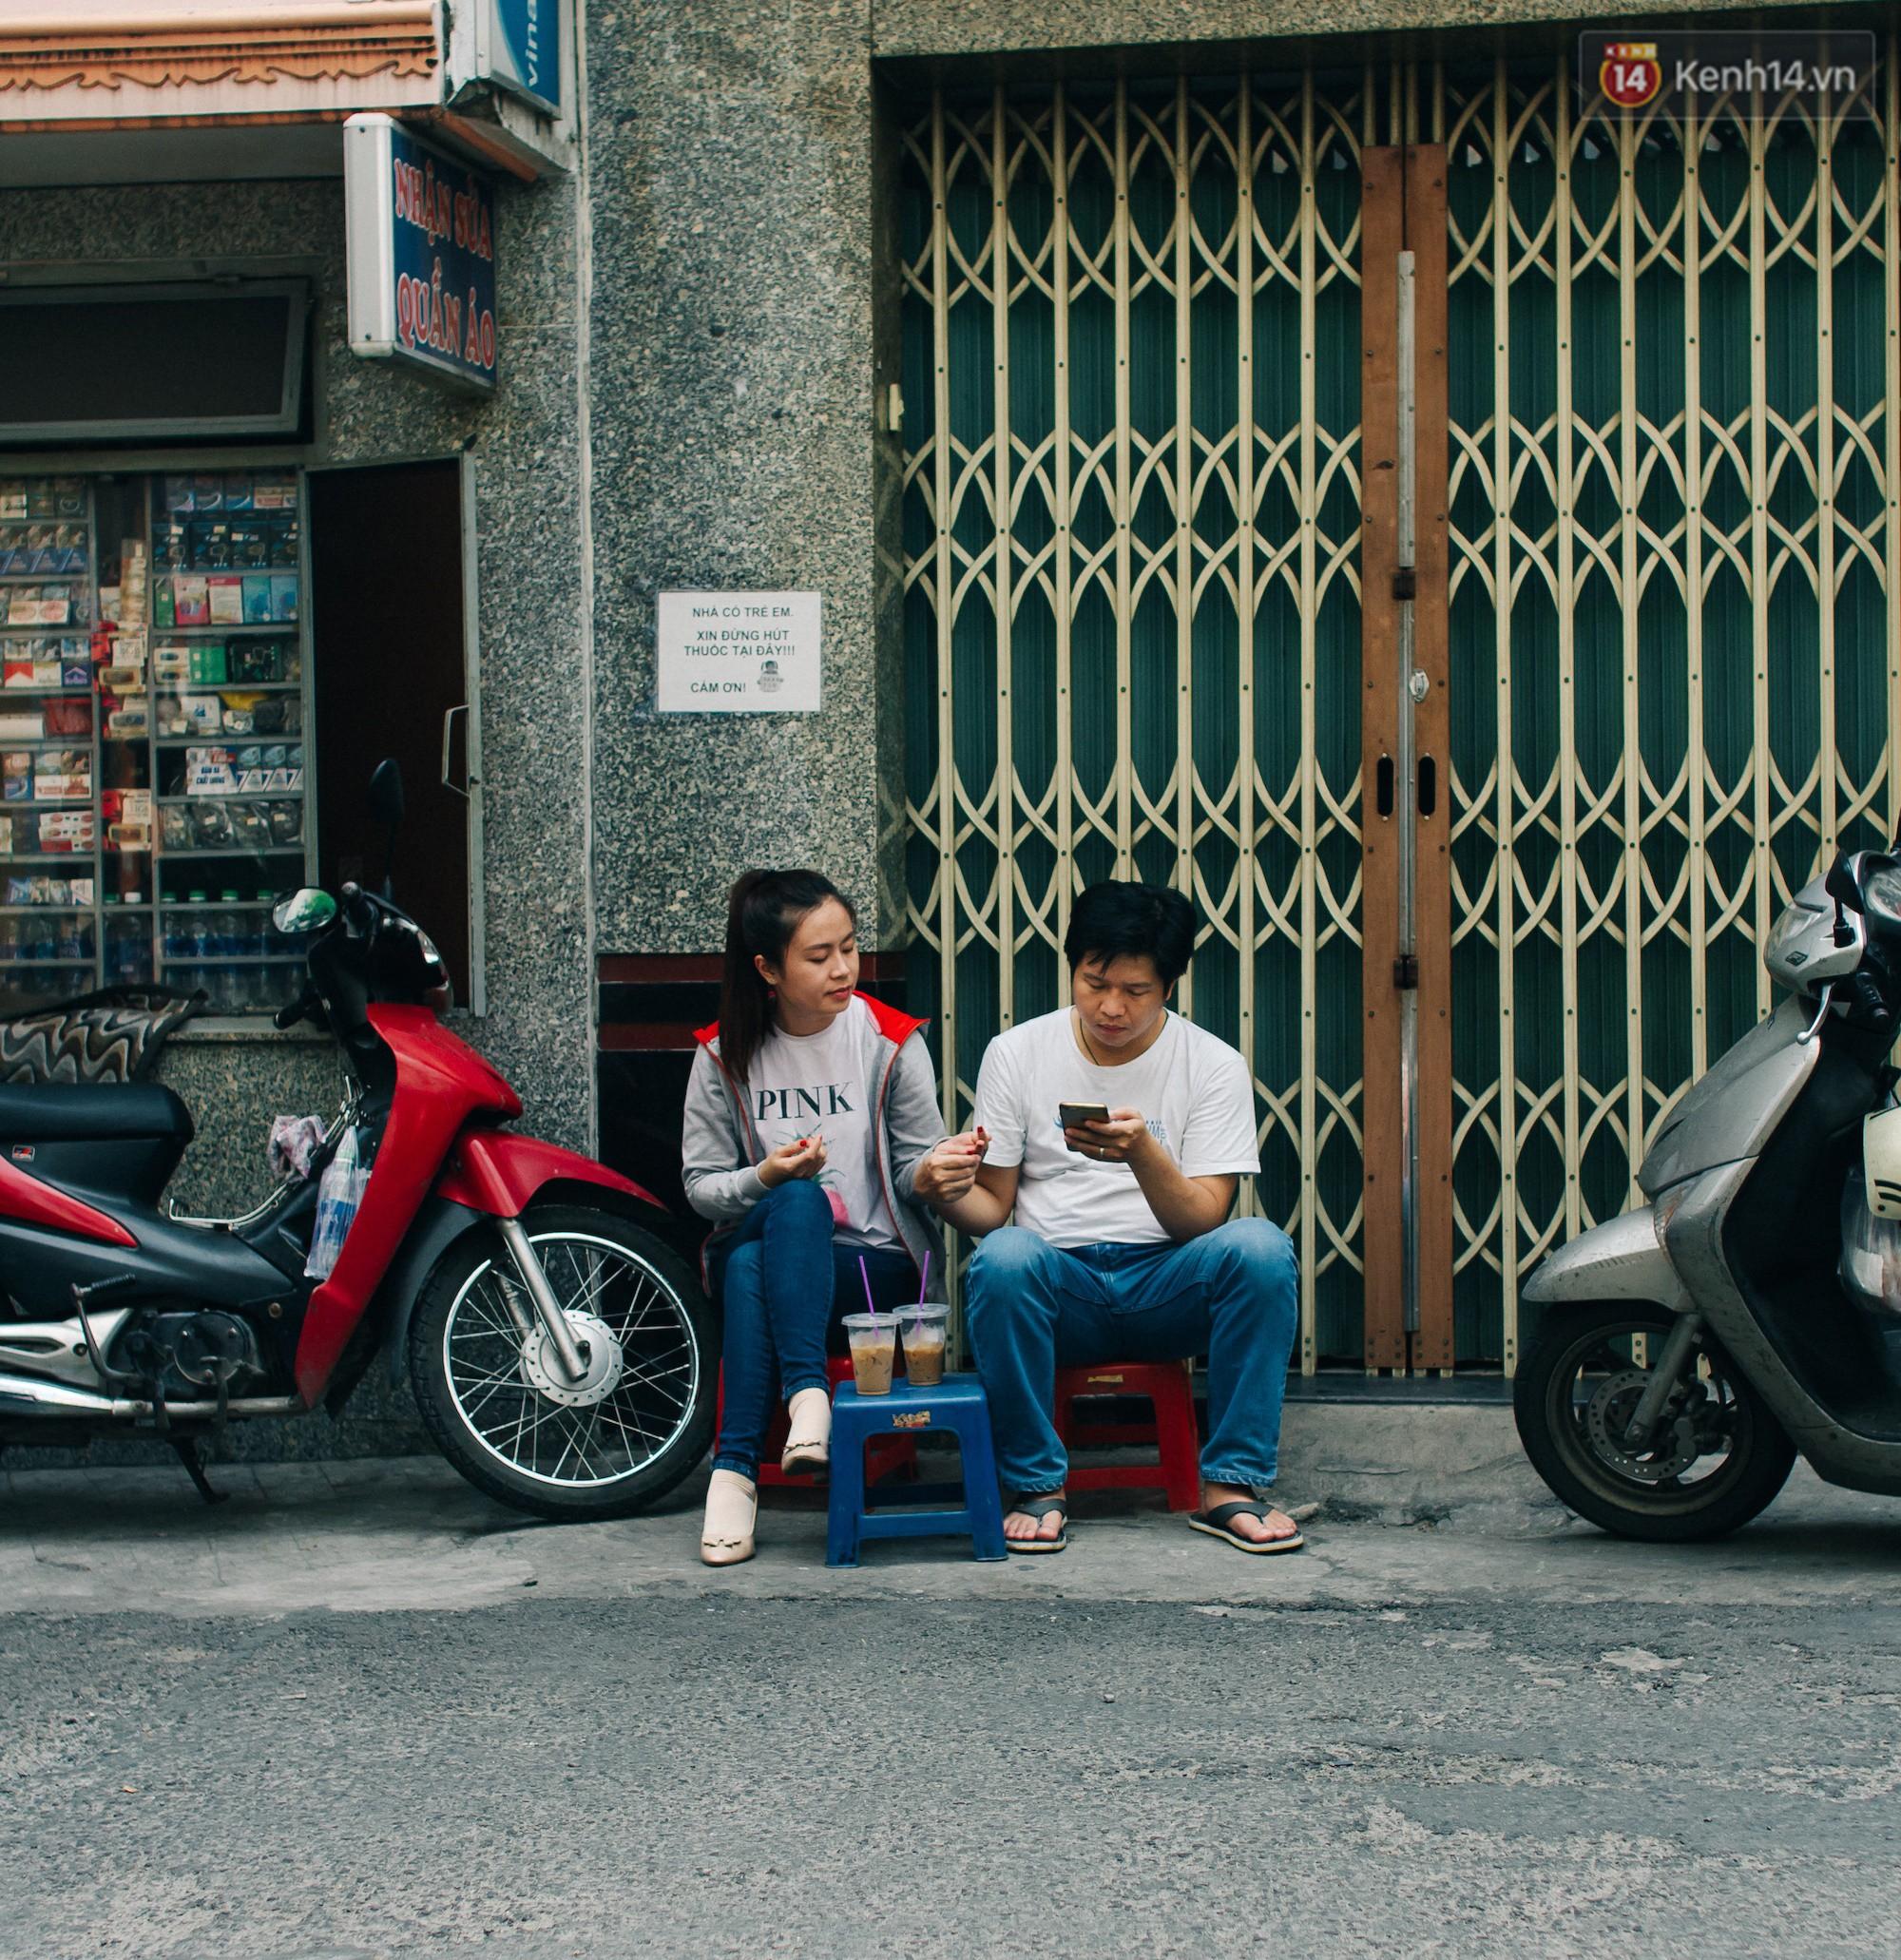 Chùm ảnh: Người Sài Gòn và thói quen uống cafe cóc từ lúc mặt trời chưa ló dạng cho đến chiều tà - Ảnh 13.